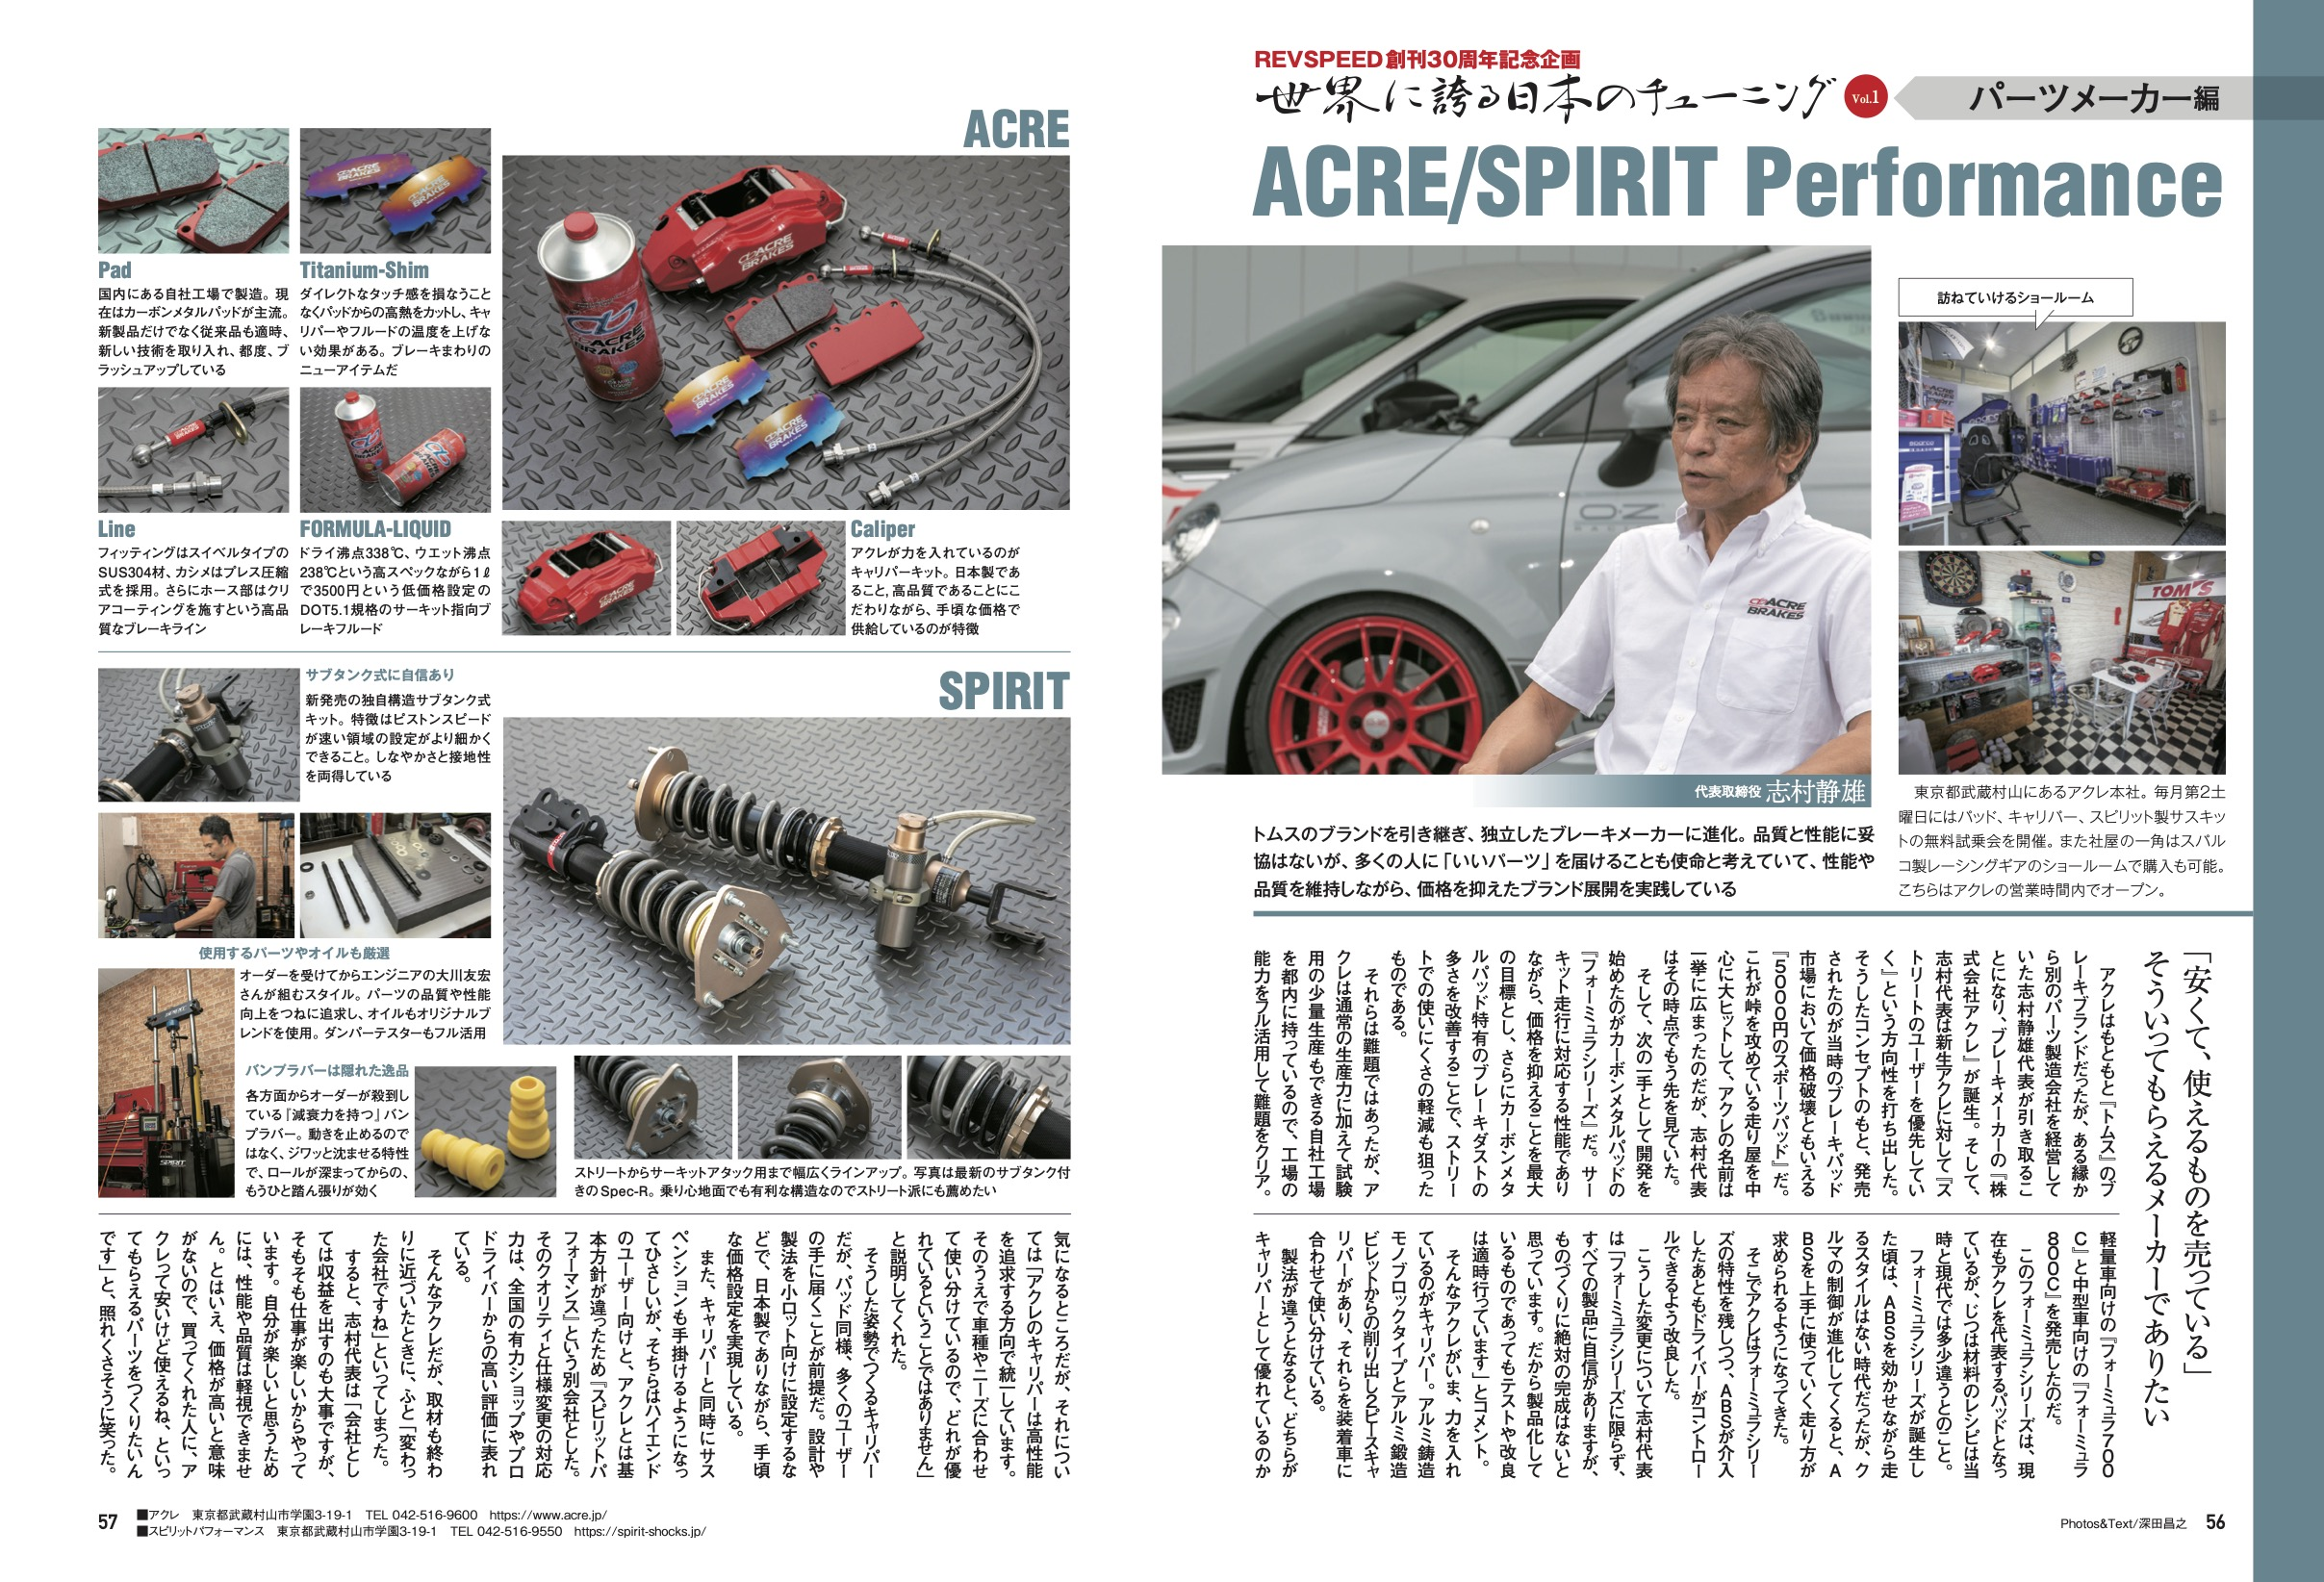 【REVSPEED創刊30周年記念企画】世界に誇る日本のチューニング『ACRE/SPIRIT Performance』編